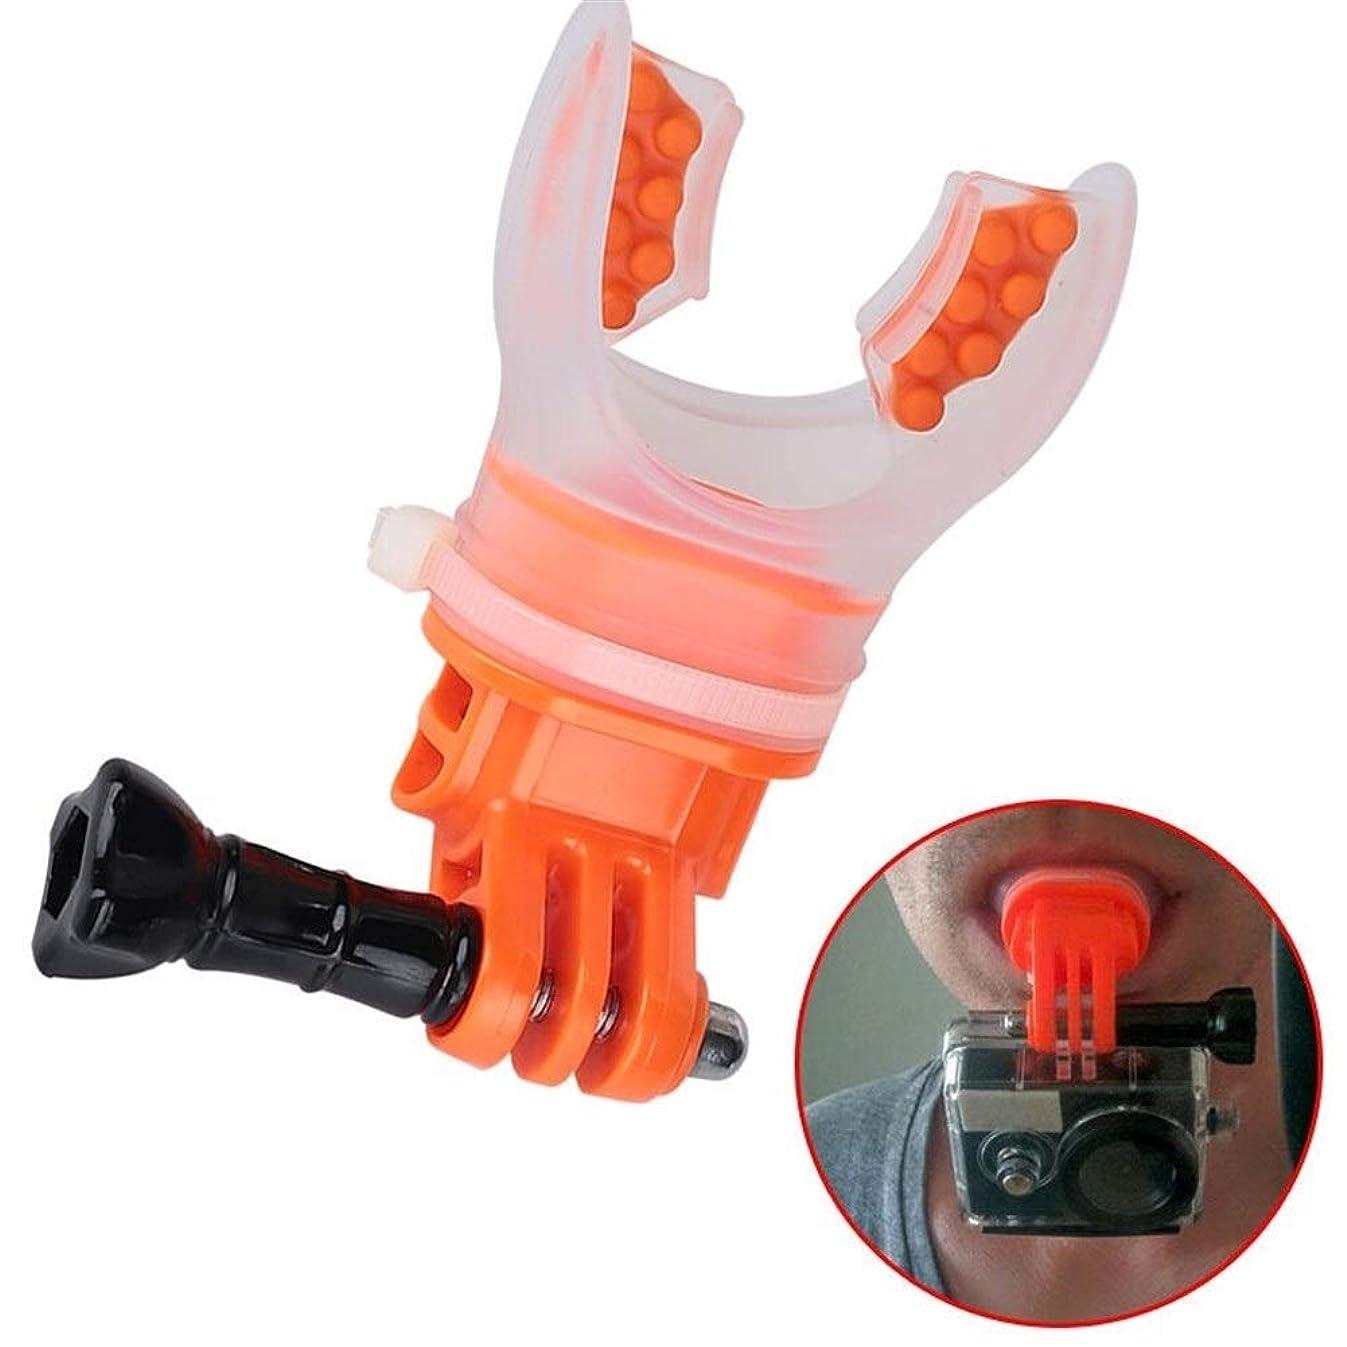 並外れてシリング耐えられるサーフダイビングプロテクションカメラダイビングマスク水中アクセサリーセット g5y9k2i3rw1